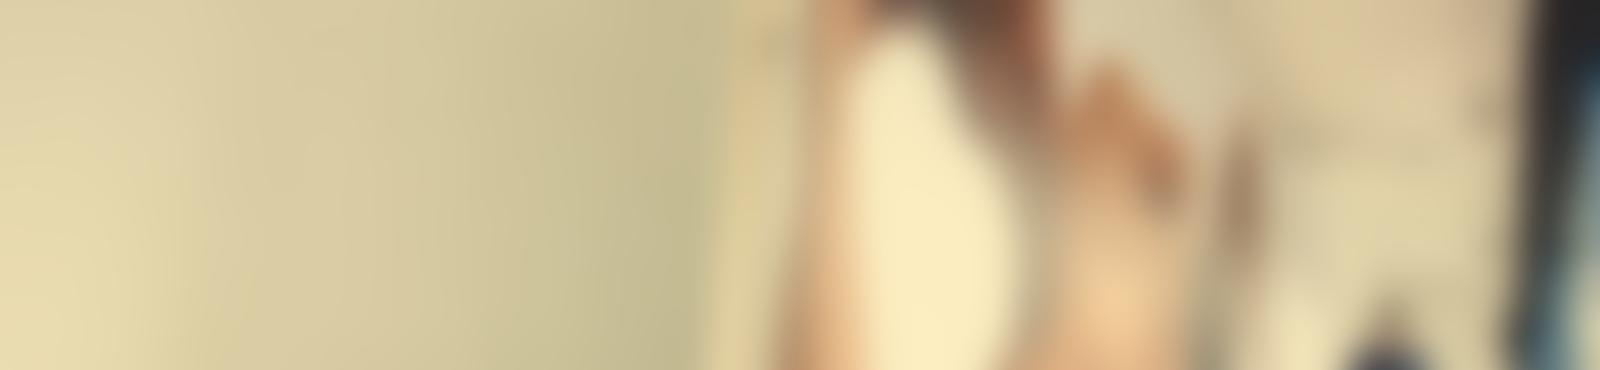 Blurred schaufenster